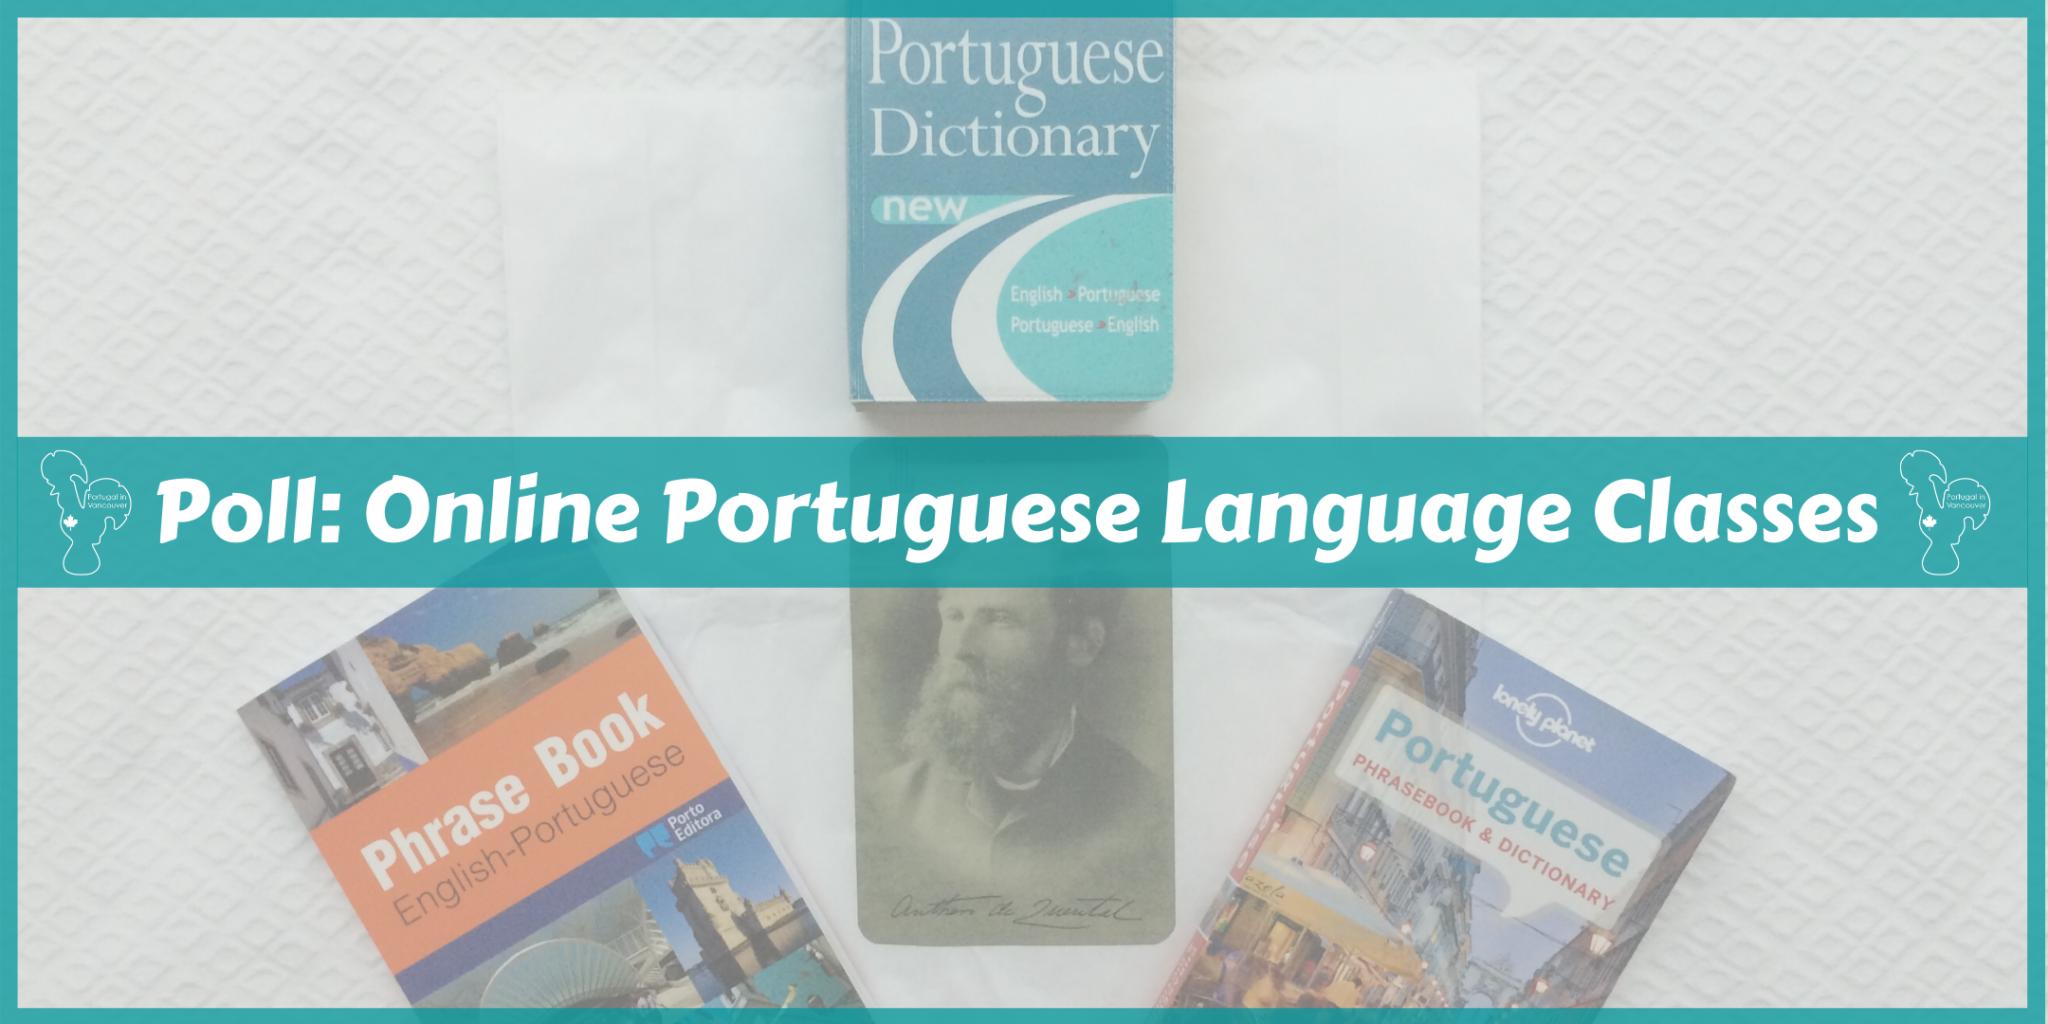 Poll Online Portuguese Language Classes